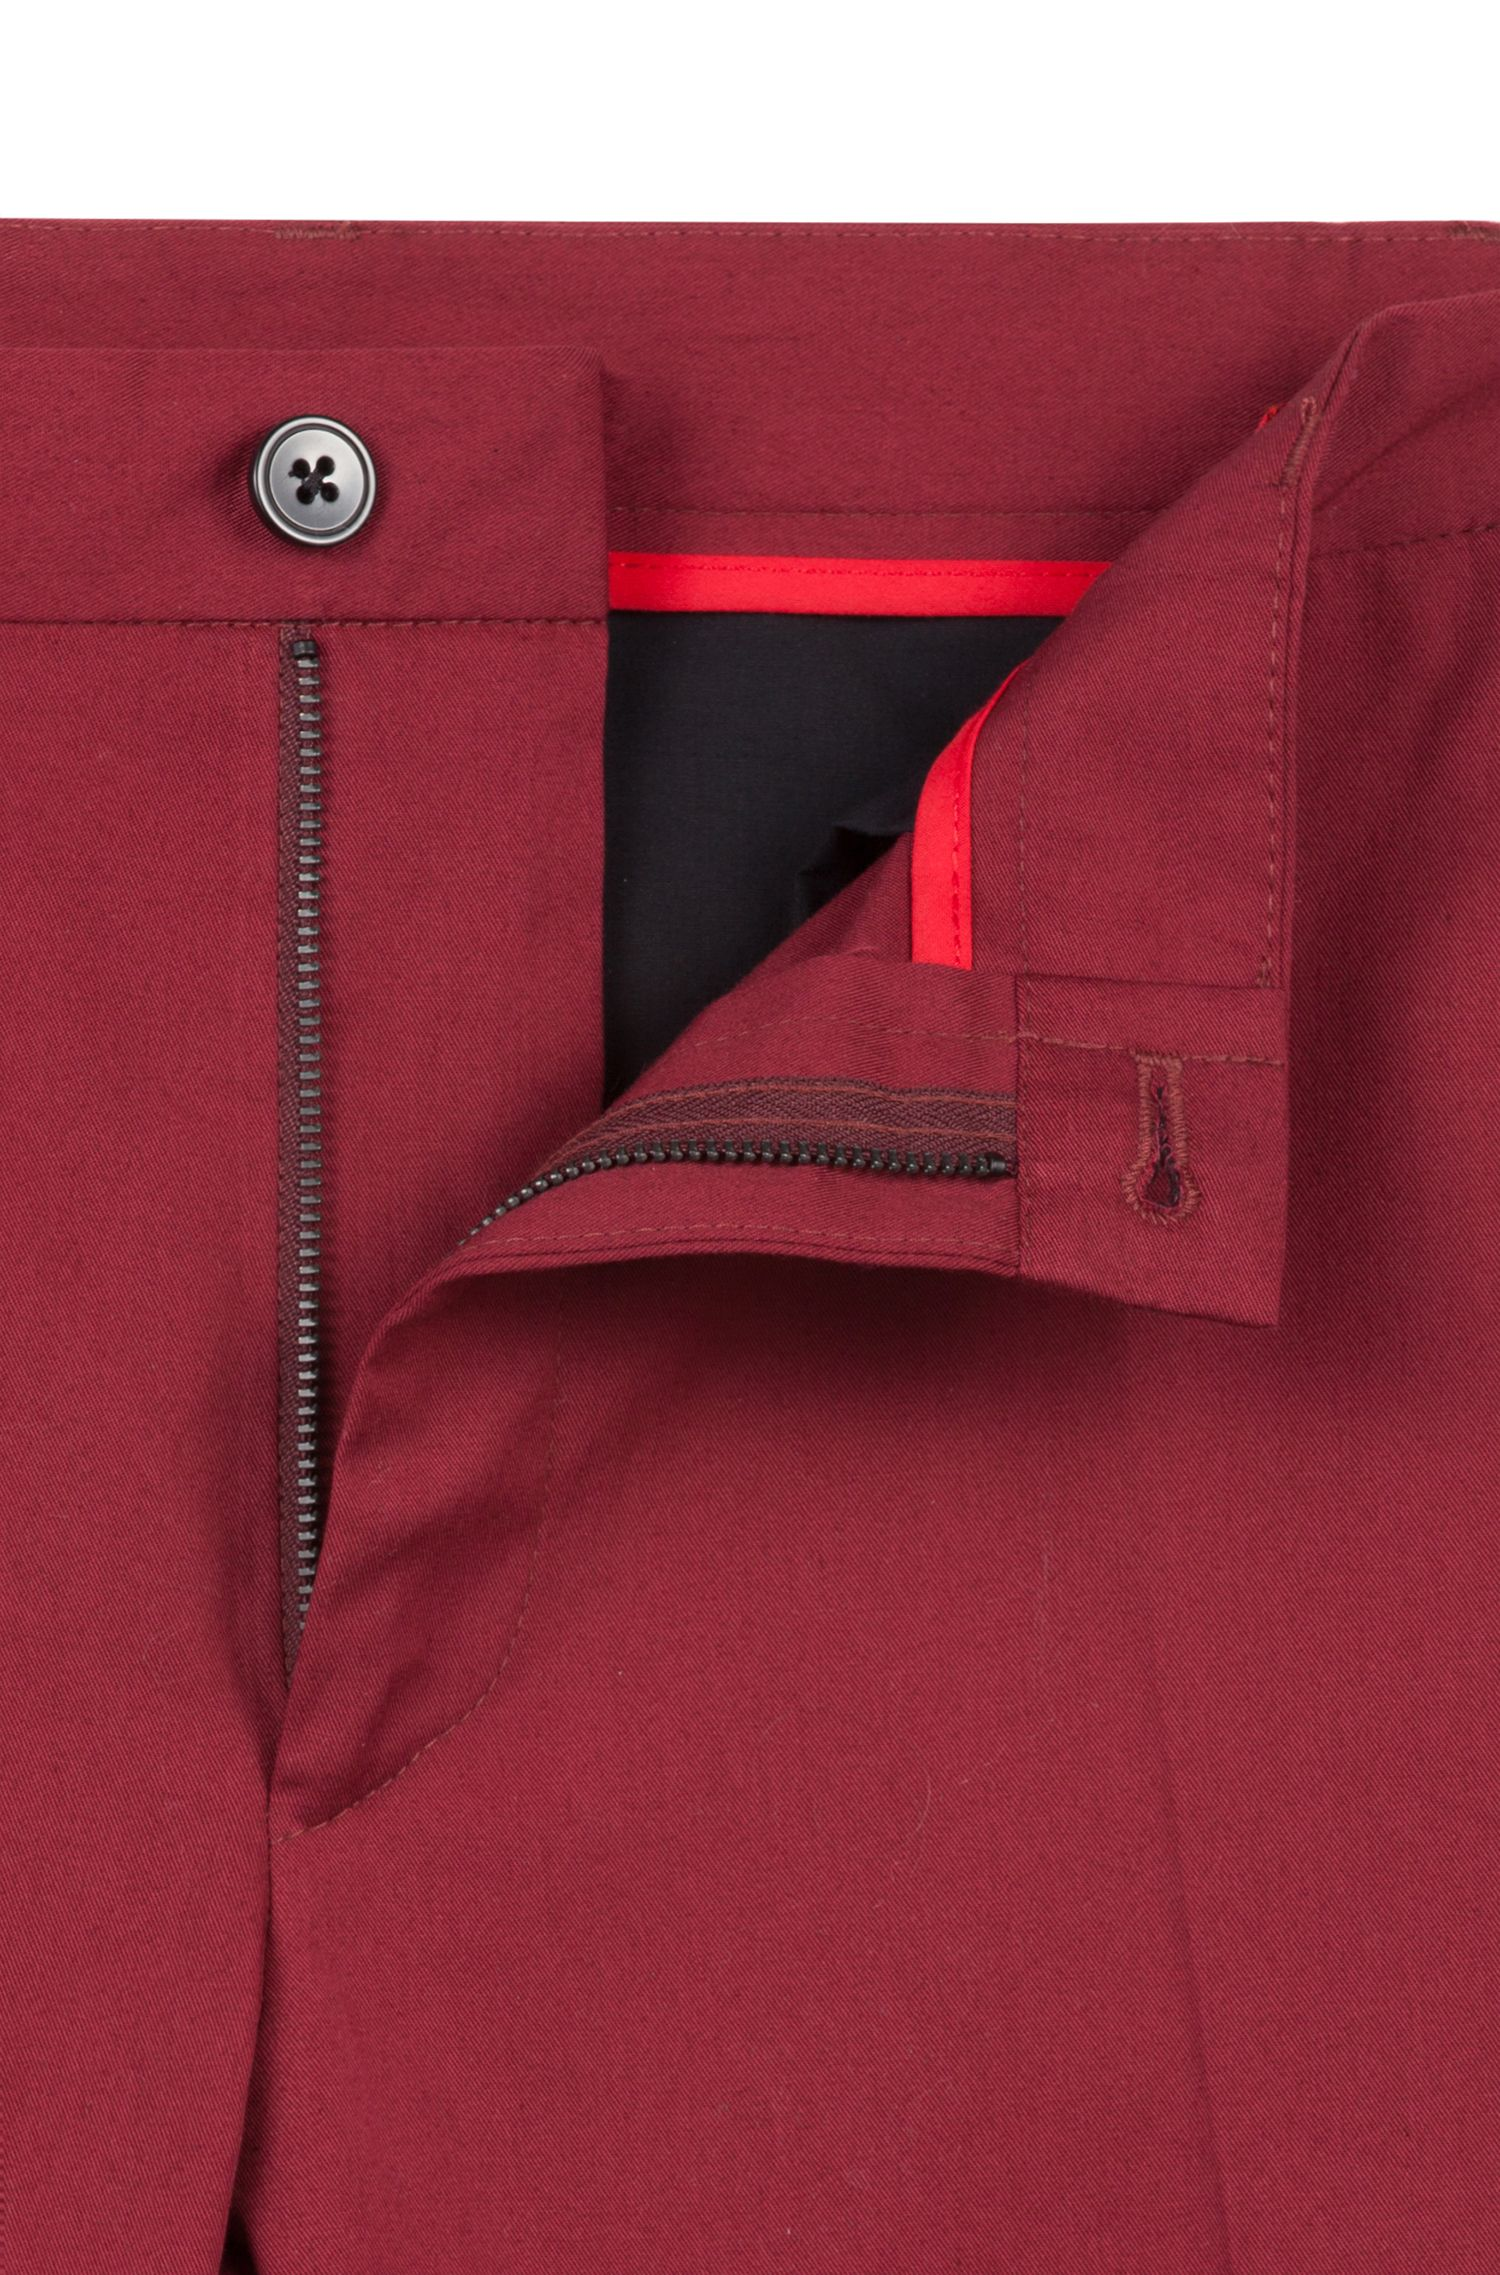 Pantaloni extra slim fit in cotone elasticizzato con dettagli esclusivi, Rosso scuro